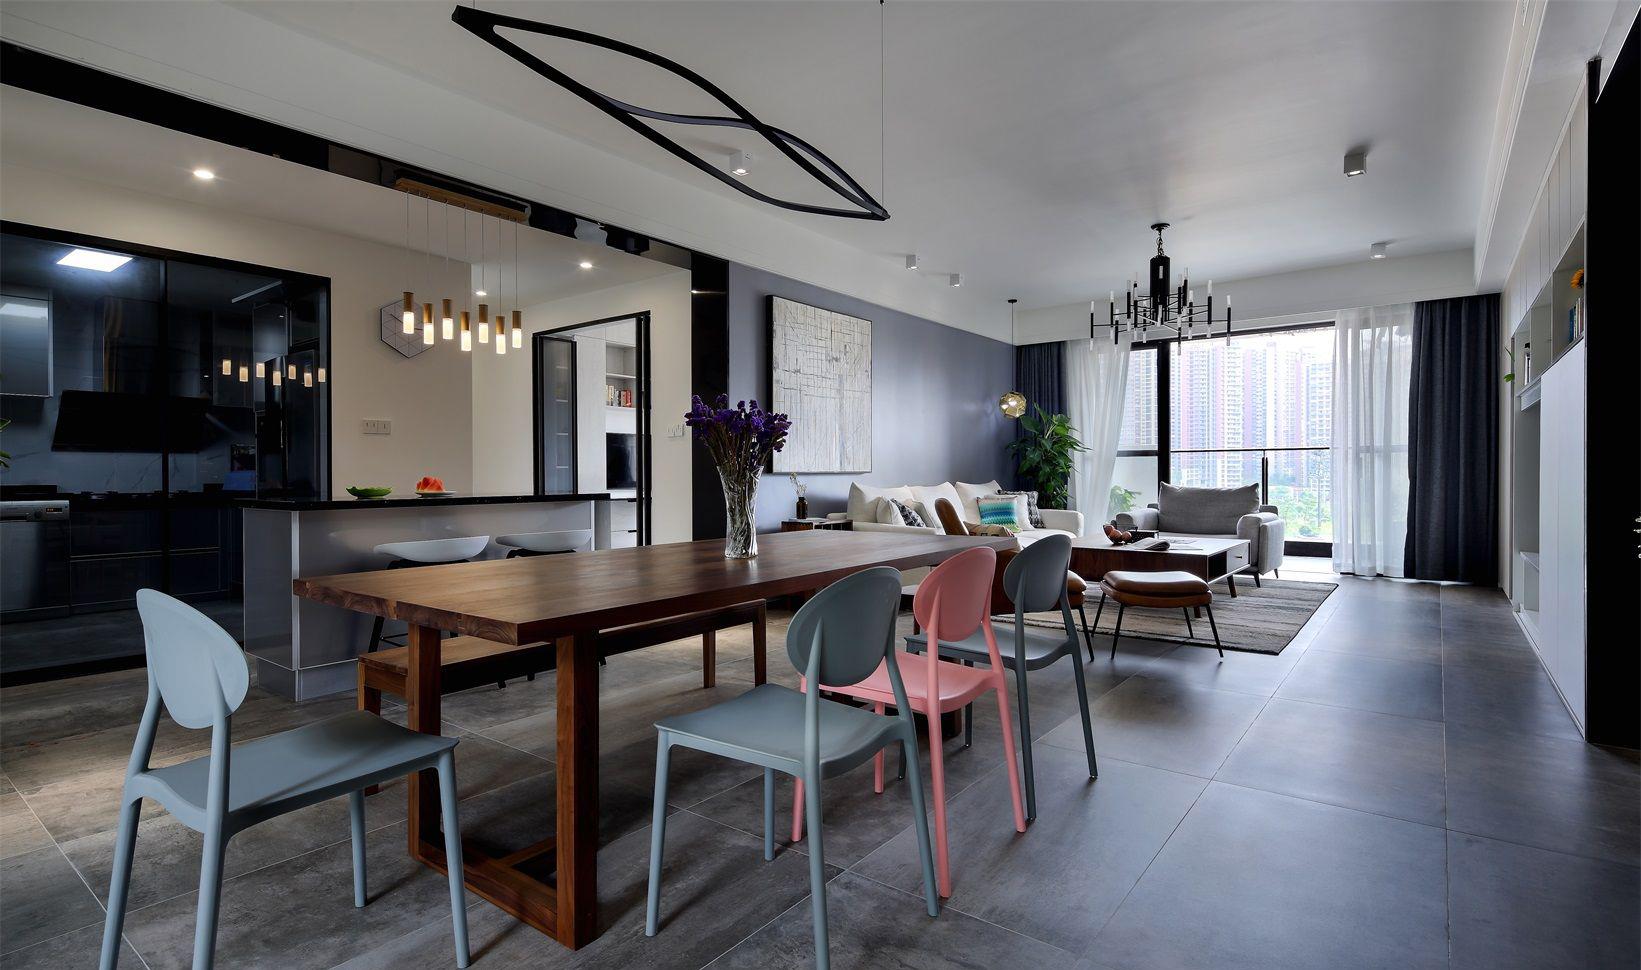 餐厅在客厅的旁边,与厨房在同一处,利用差异来区分空间。